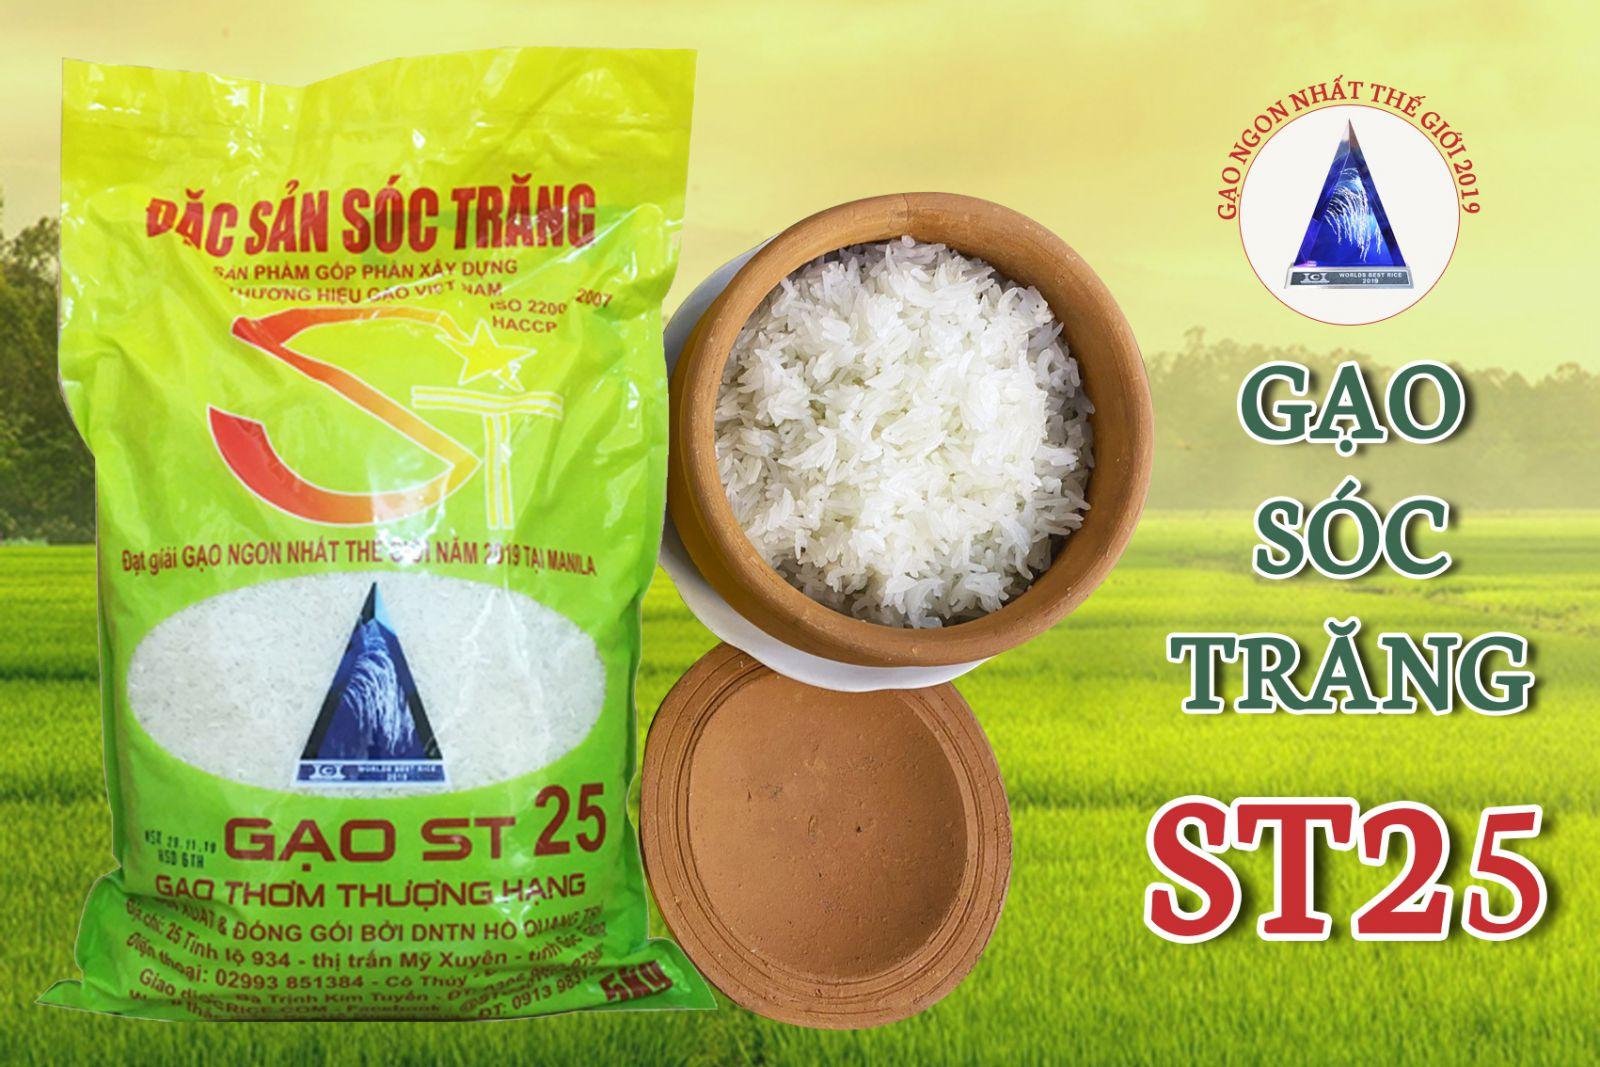 Gạo Sóc Trăng ST25 chính hãng - Cơm ngon dẻo không bị bung hạt